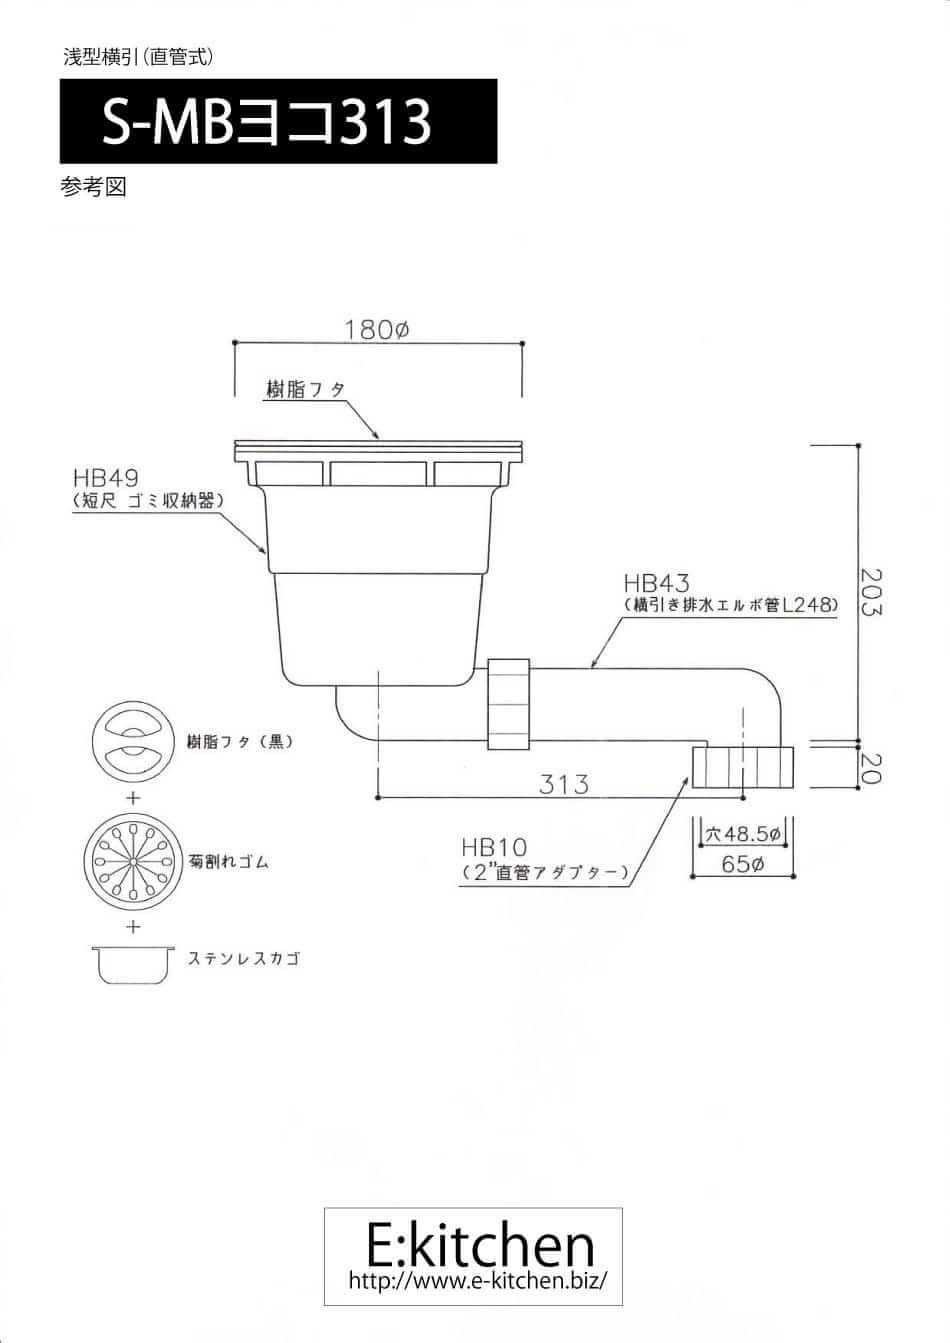 CKシリーズ 短尺排水部品S-MBヨコ313